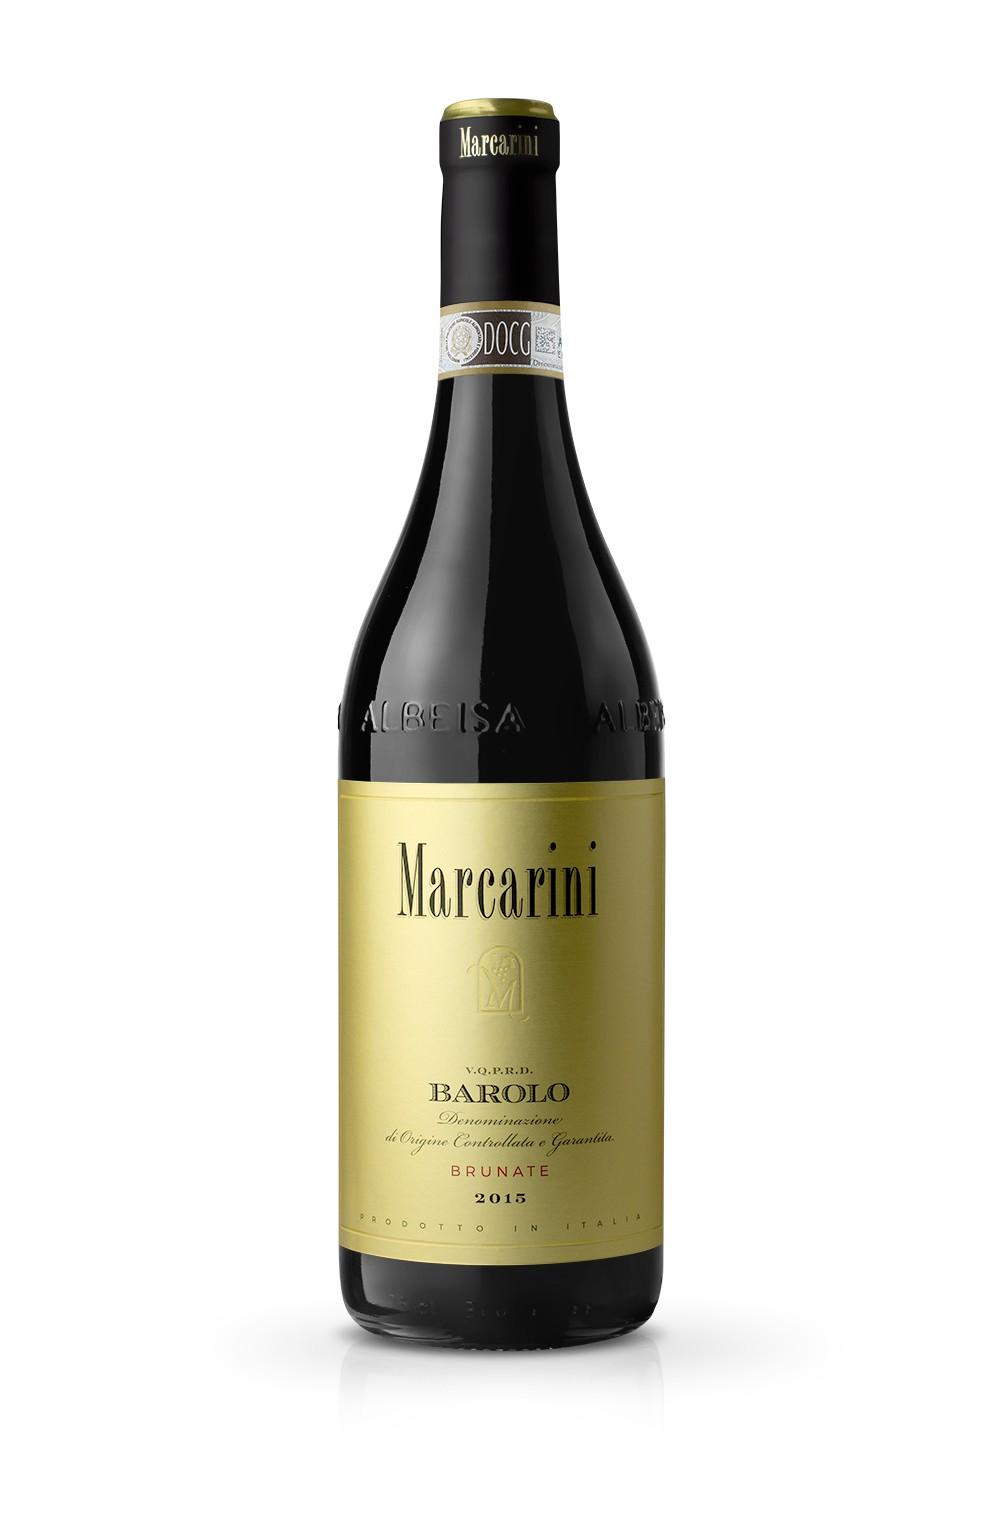 Marcarini Brunat@025x - Il Design delle nuove etichette Marcarini